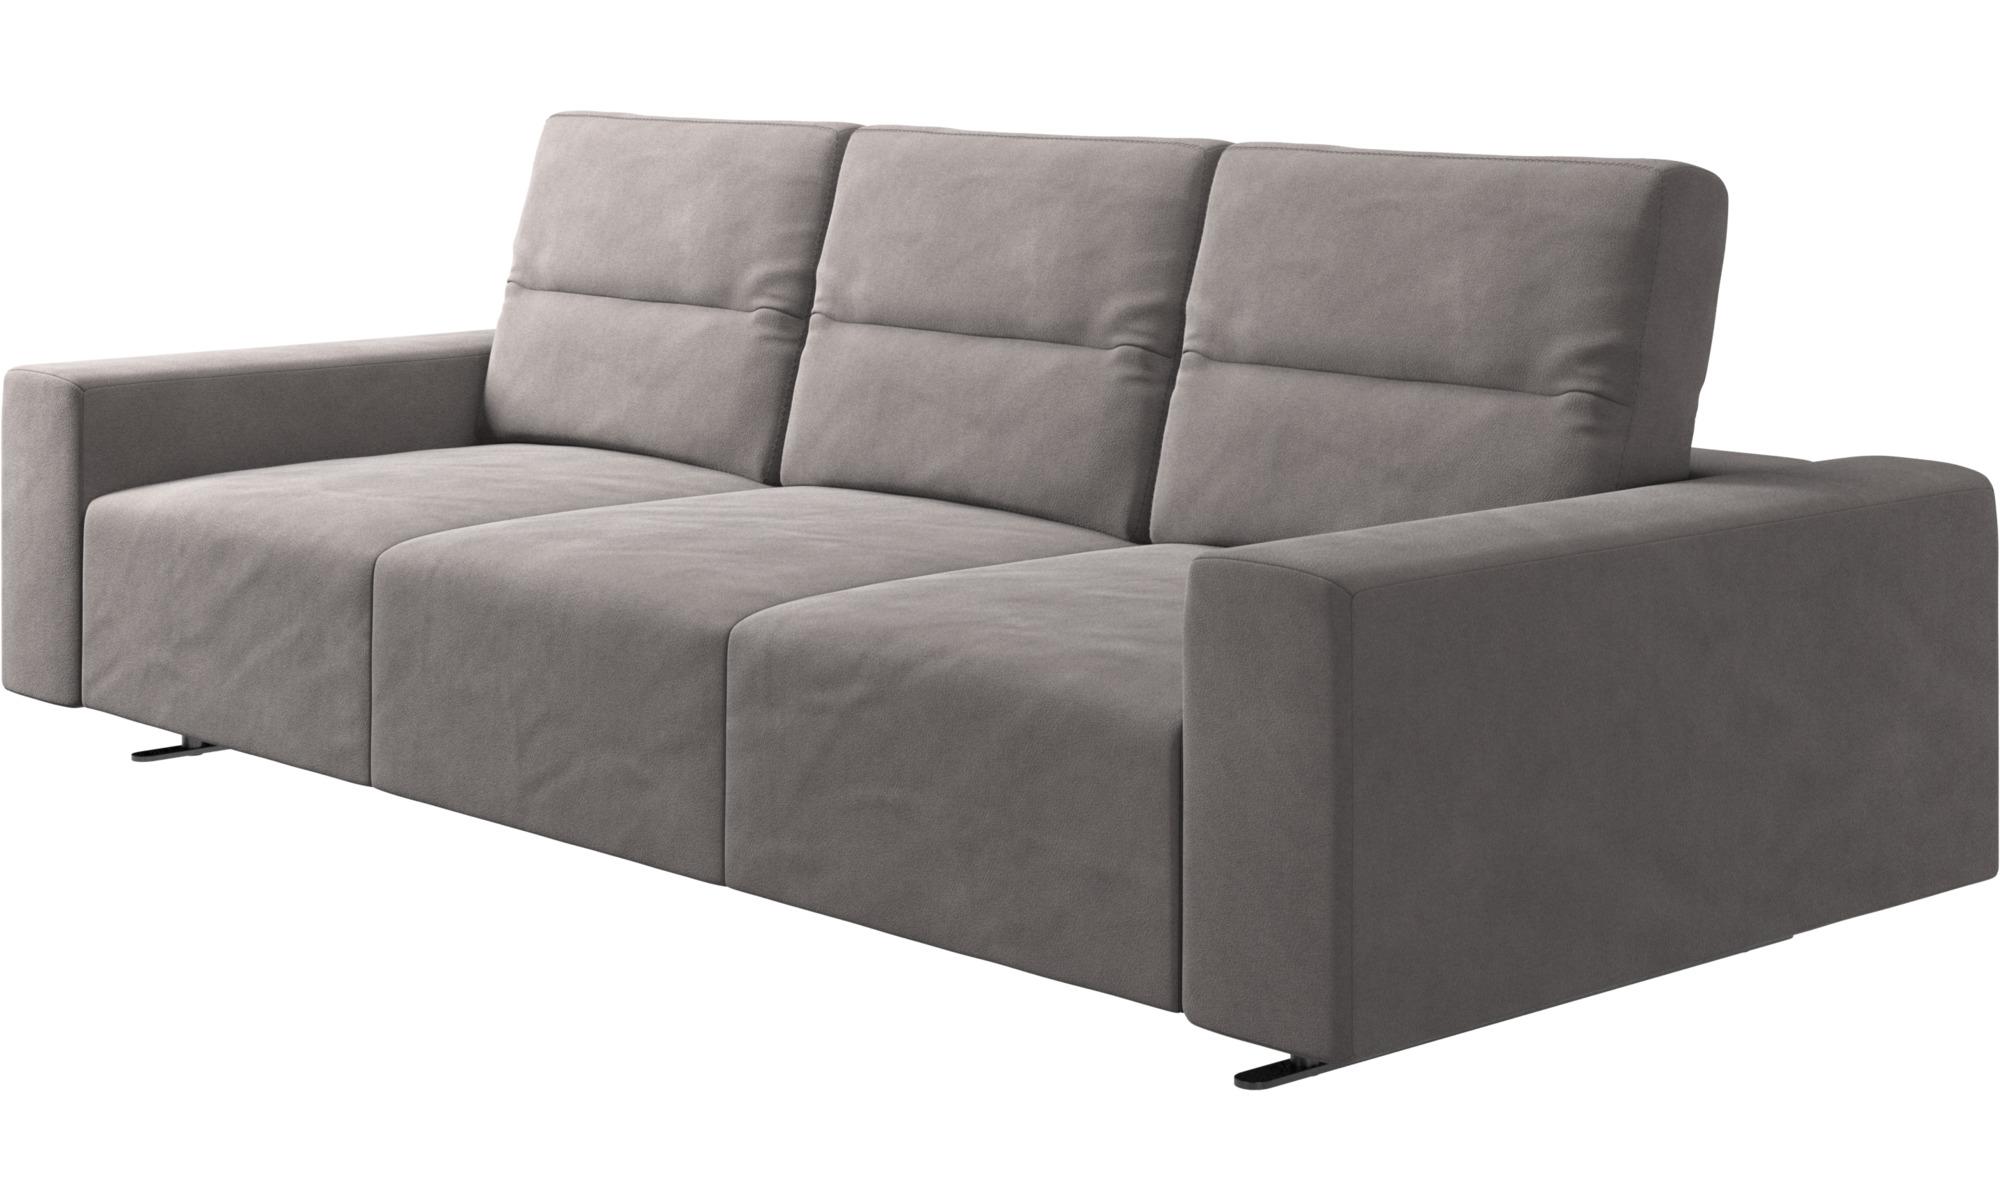 Künstlerisch Sofa Mit Verstellbarer Rückenlehne Foto Von 3-sitzer Sofas - Hampton Rückenlehne - Grau